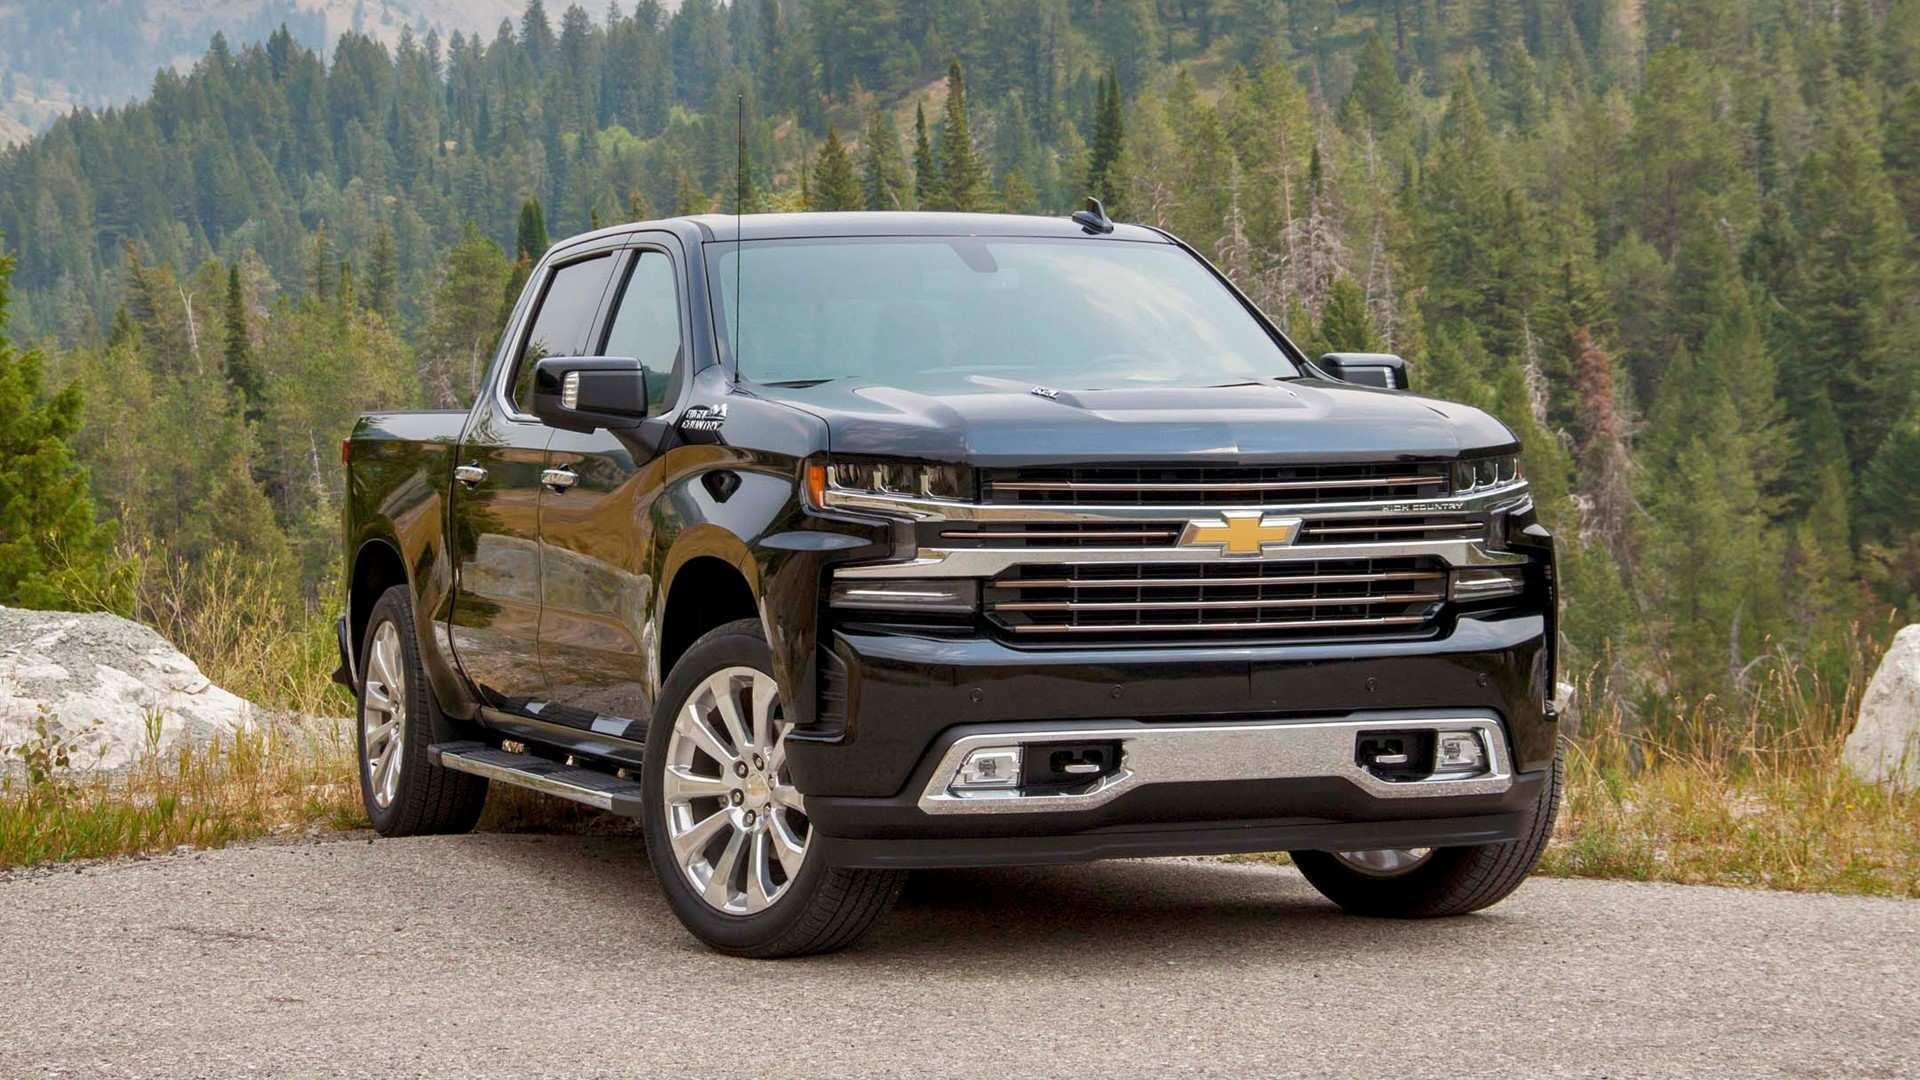 99 All New 2019 Chevrolet Silverado Release Date Release Date by 2019 Chevrolet Silverado Release Date